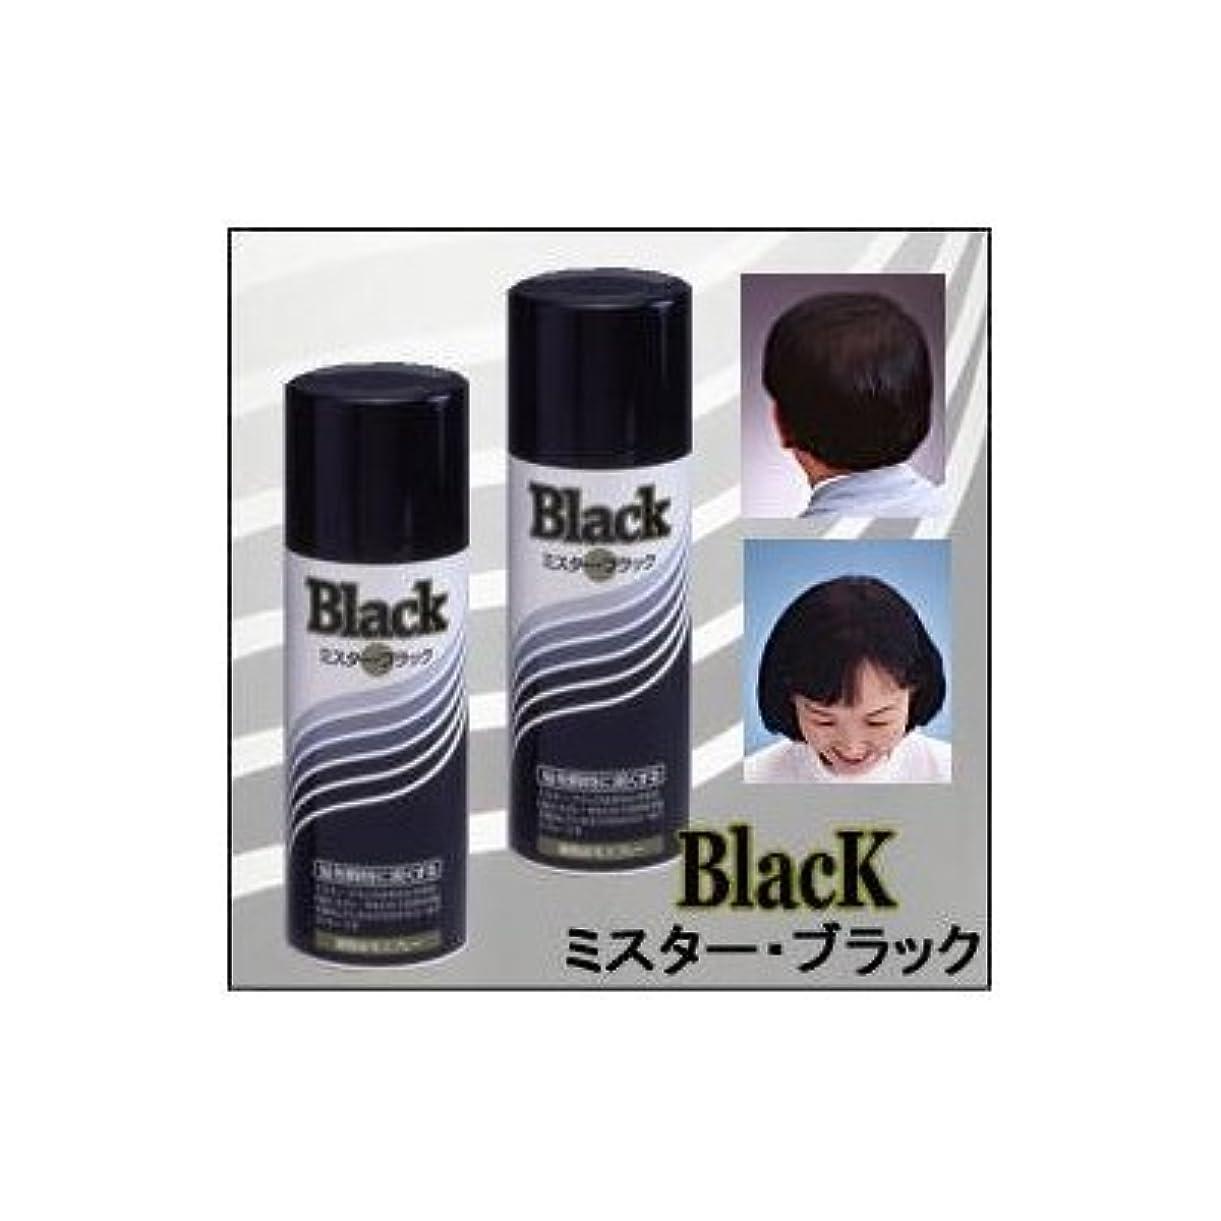 『ミスターブラック ? 男女兼用』 薄毛対策スプレー  瞬時に対応 ?染毛料? 日本製 (3本組)